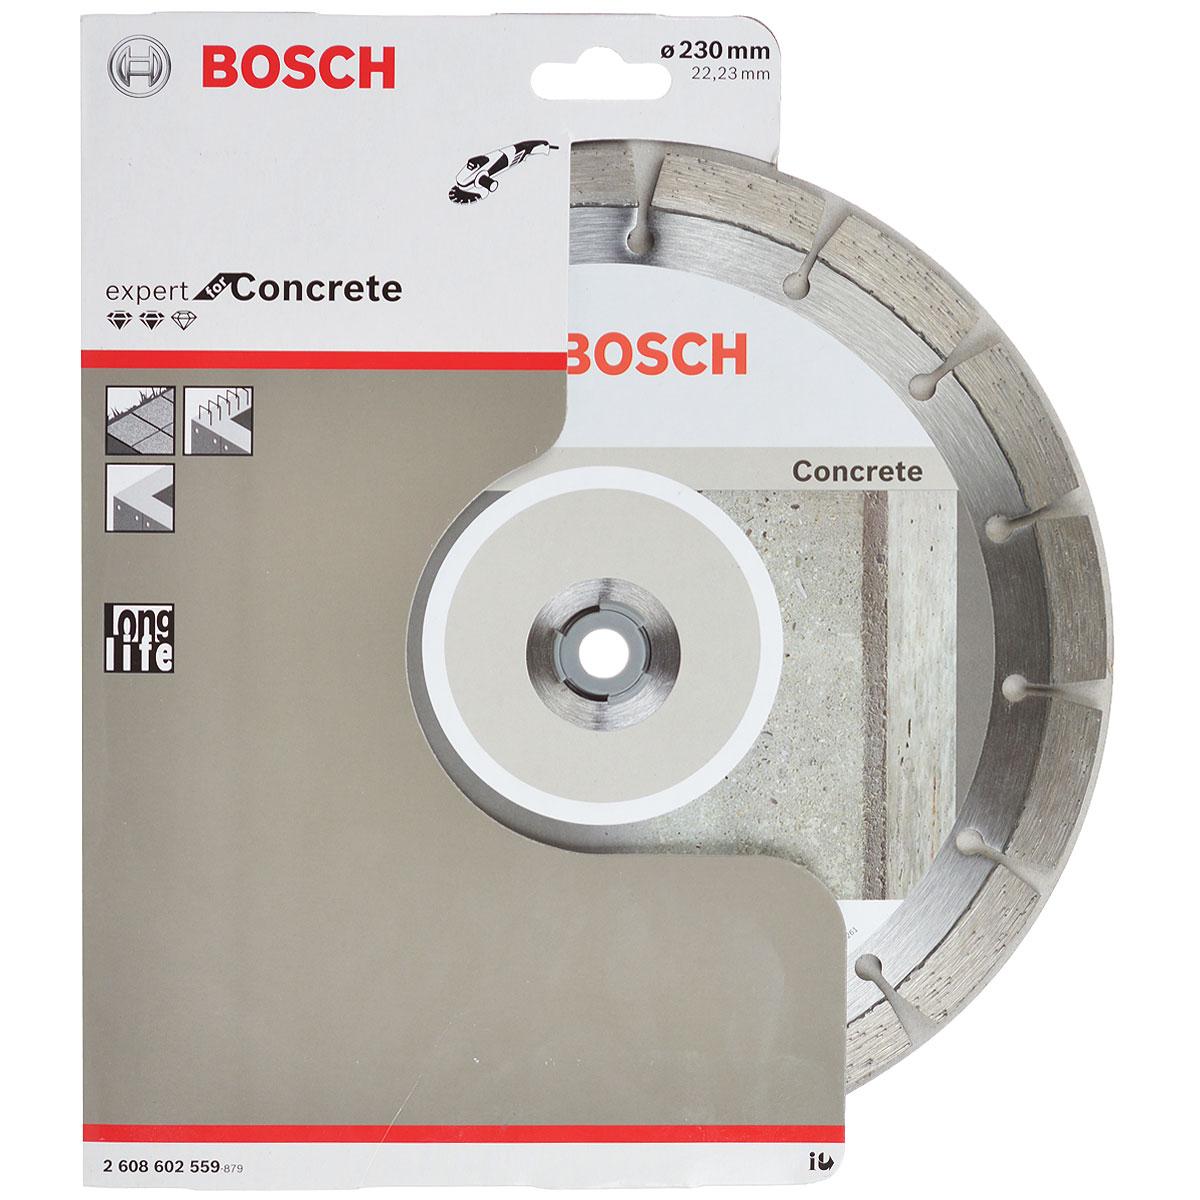 Диск алмазный Bosch Expert for Concrete, 23 см2608602559Алмазный отрезной диск Bosch Expert for Concrete используется для работ по армированному бетону, садовой плитке и бетонным блокам с декоративным покрытием. Выполнен из высококачественной стали.